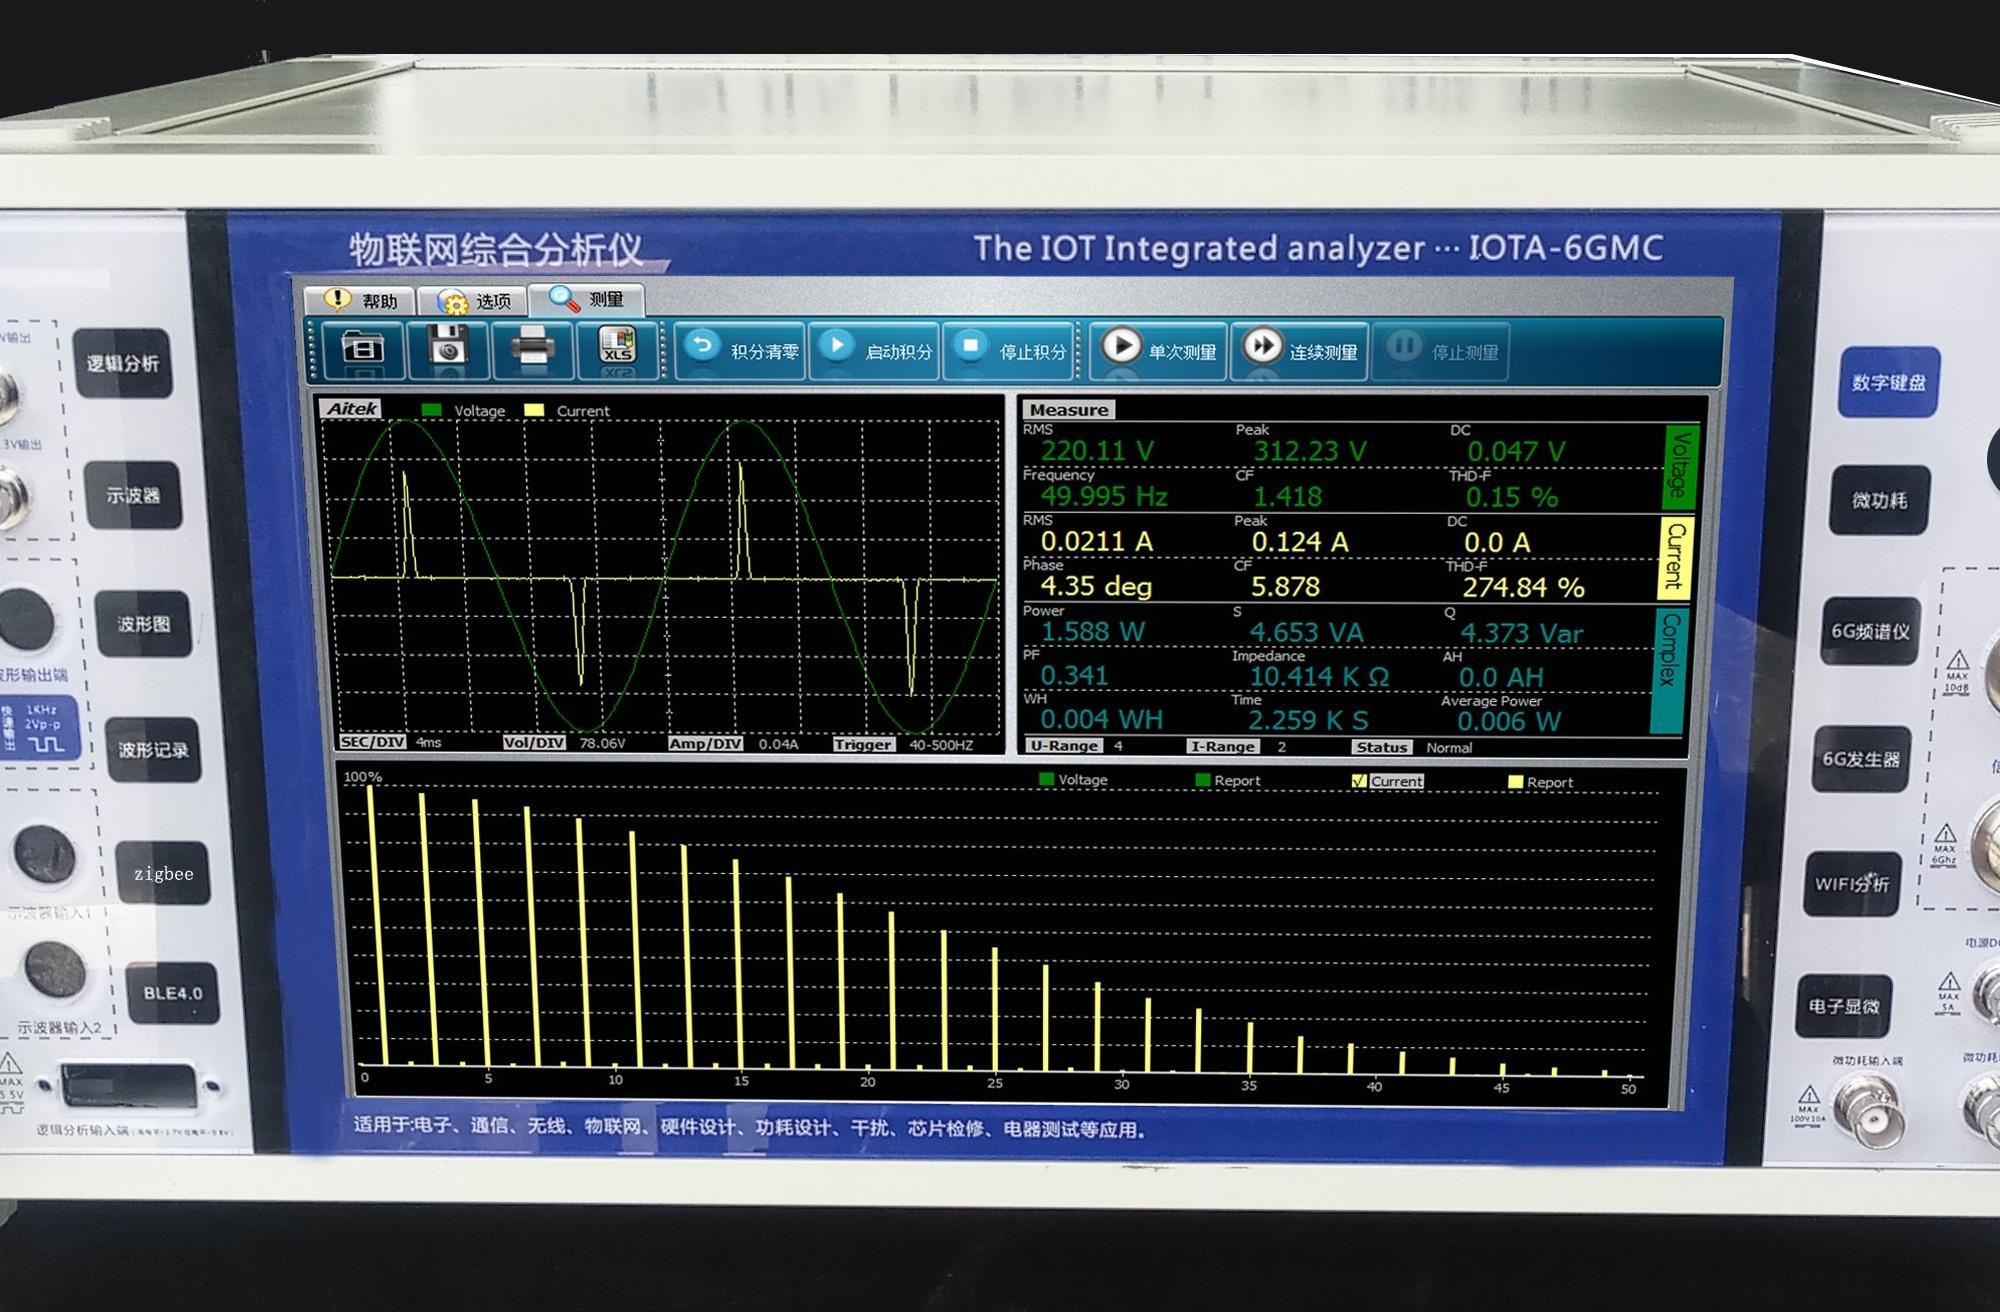 辰诚恒盛IOTA-6GMC物联网综合分析仪